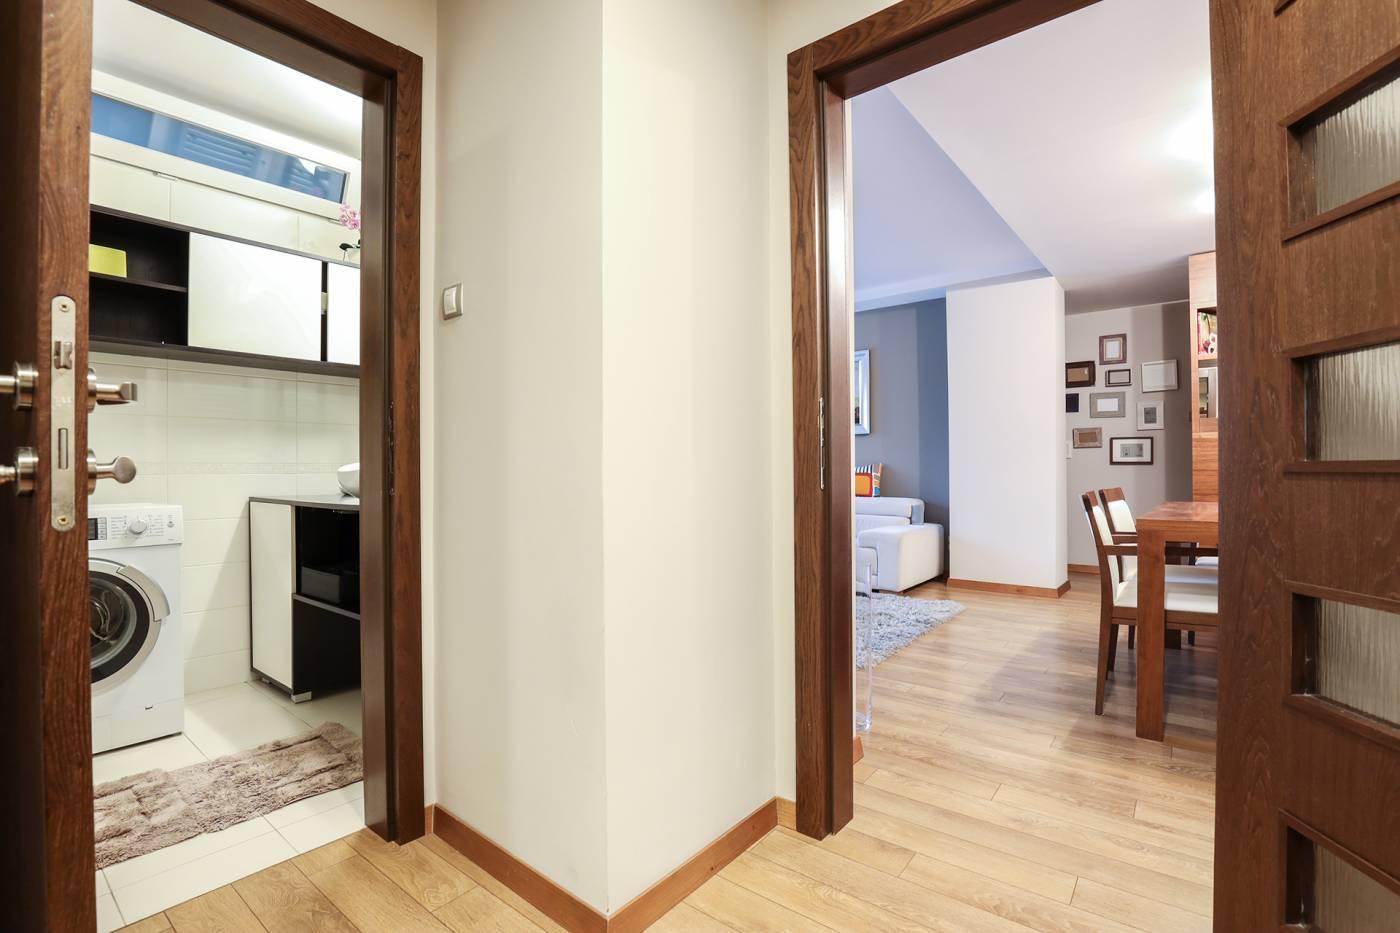 цены на квартиры в братиславе